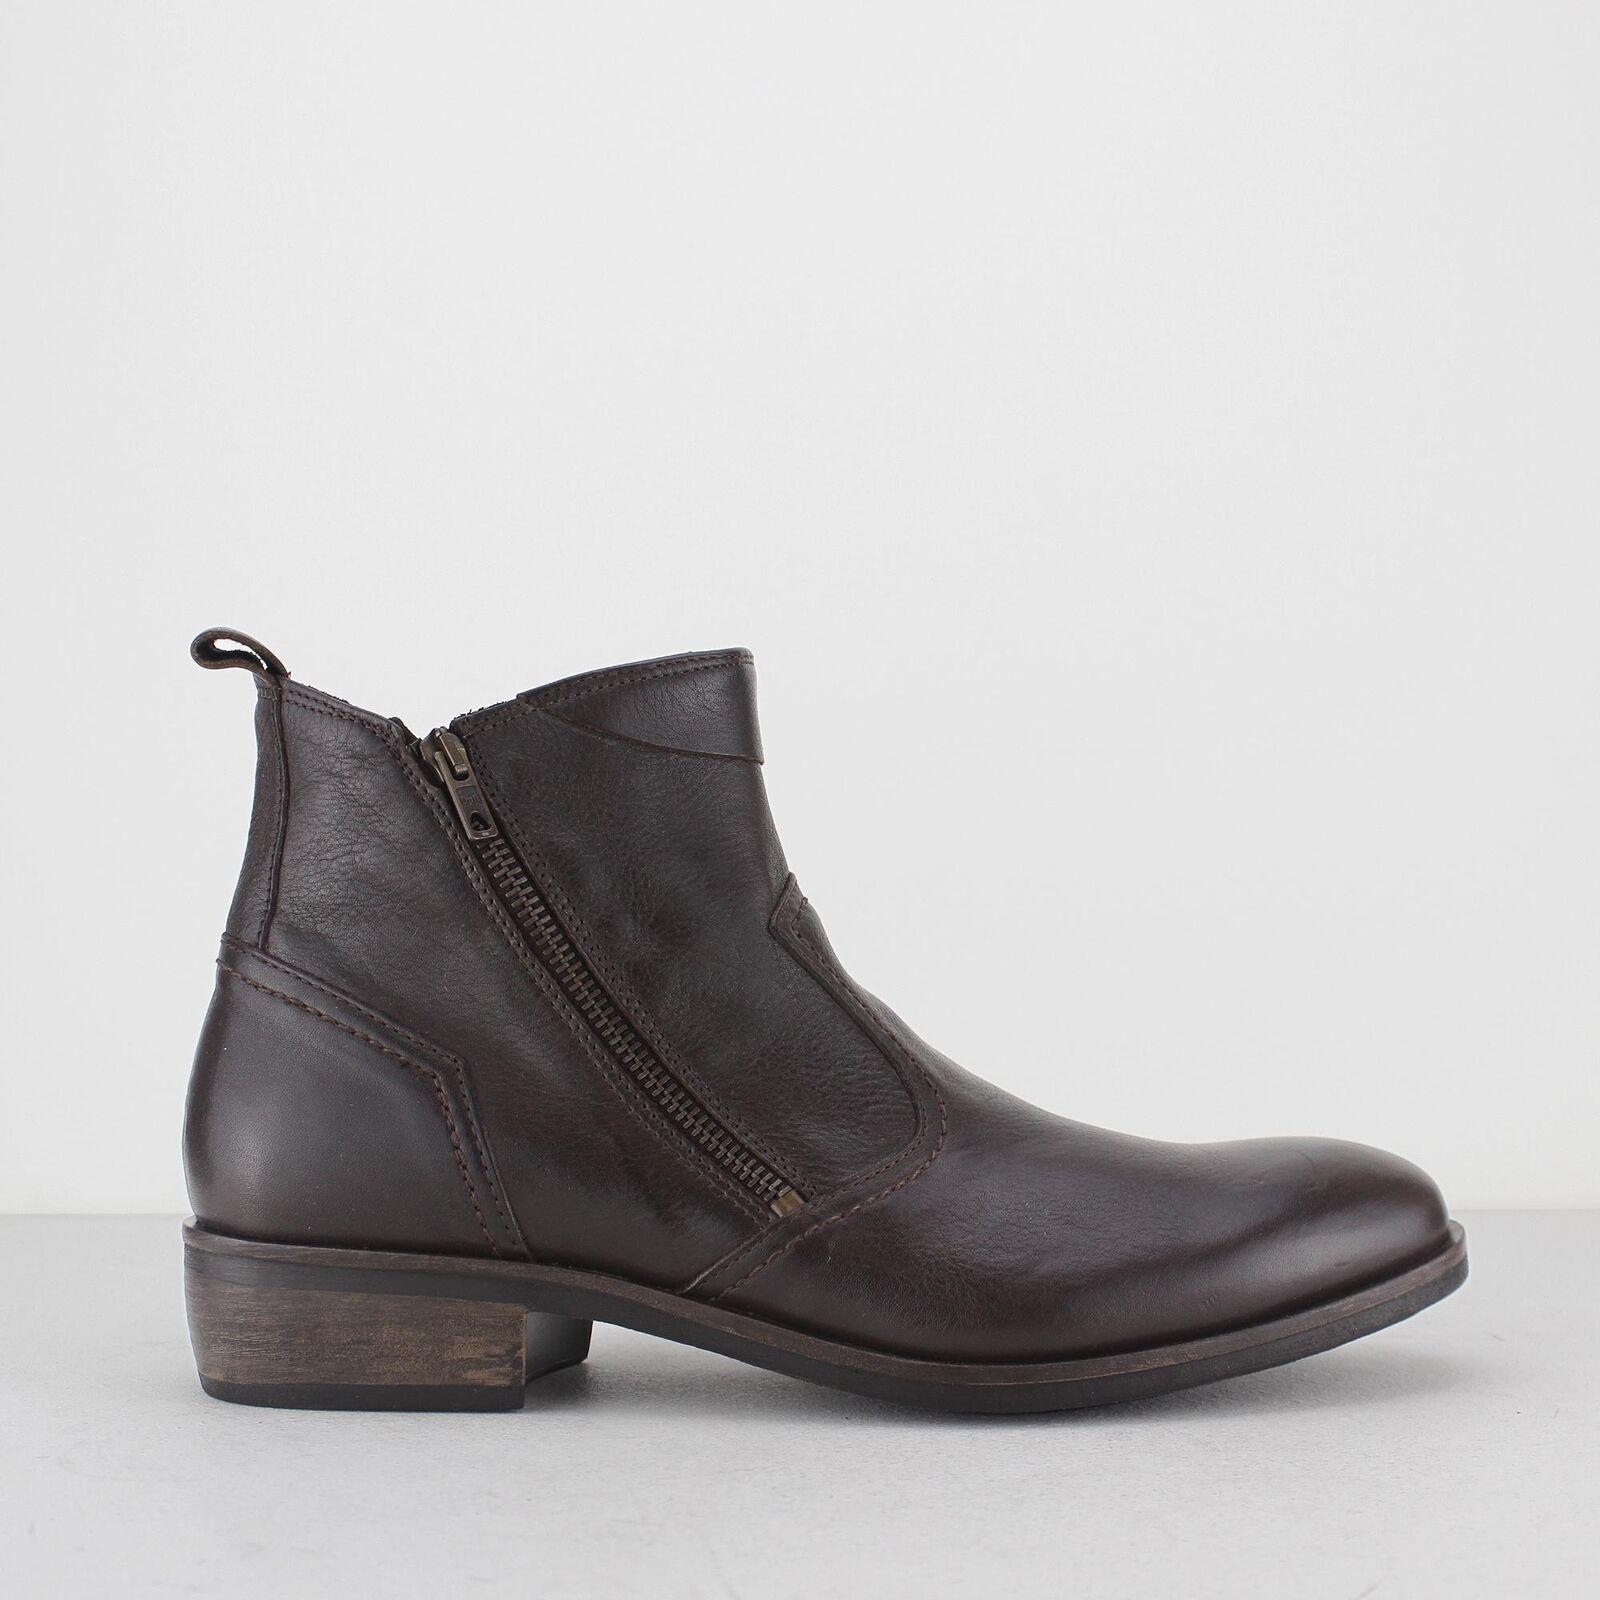 Machete Weston Cremallera para Hombre De Cuero Resistente Aspecto Vintage Tacón Alto botas al Tobillo Marrón